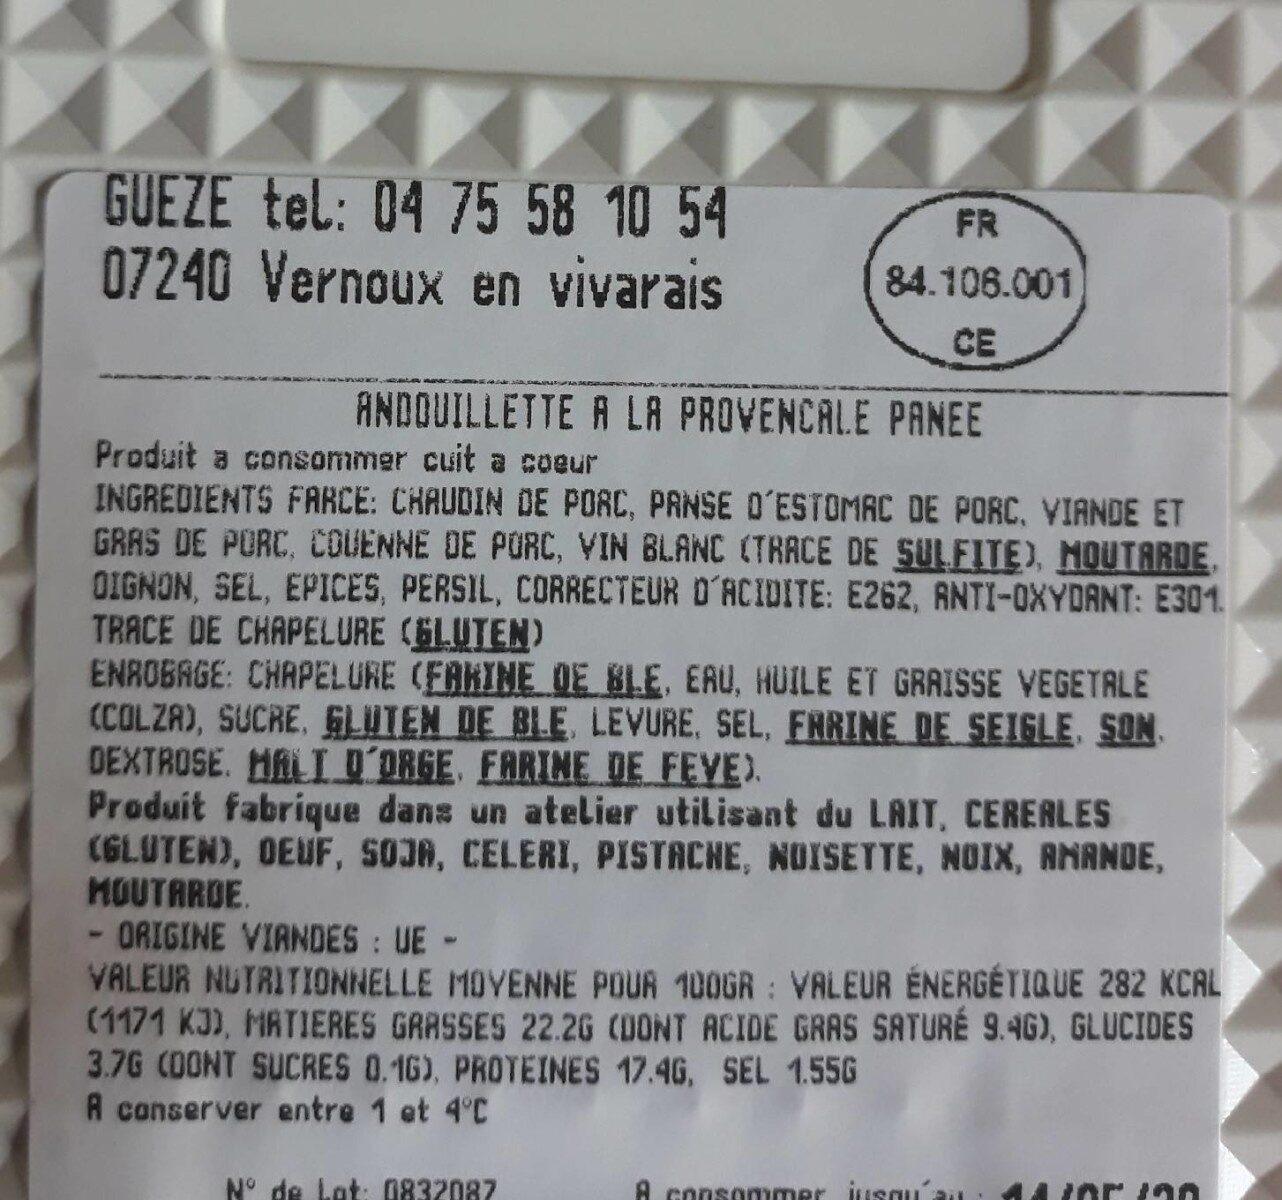 Andouillette a la provençale panée - Voedingswaarden - fr